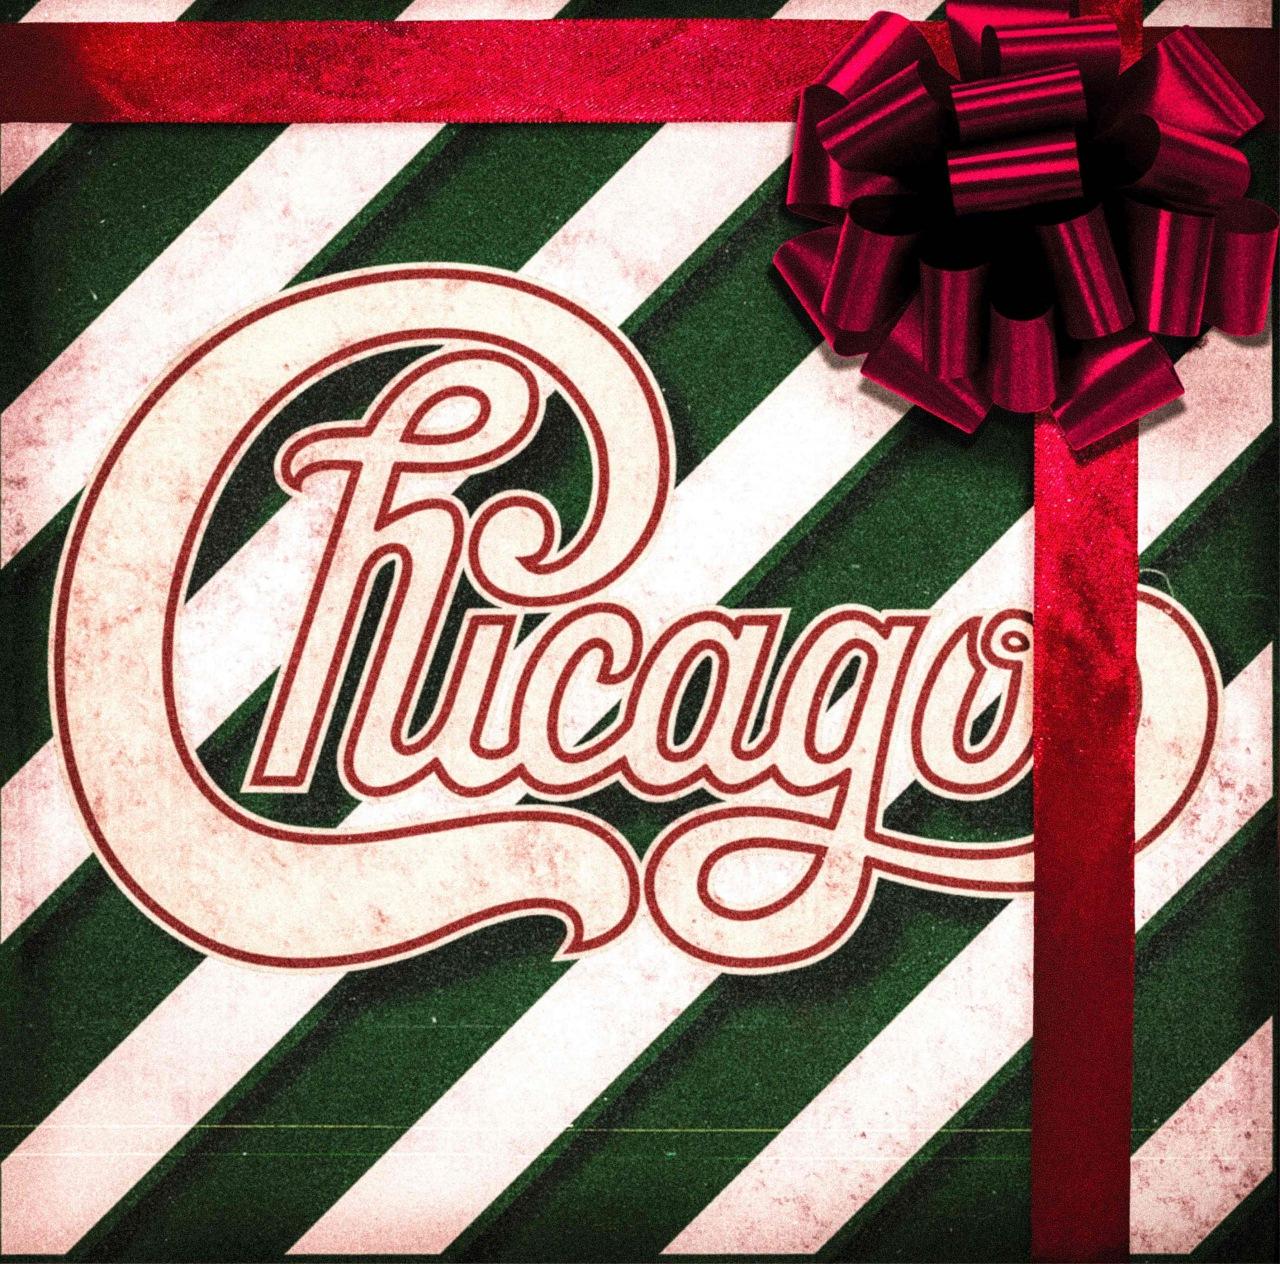 シカゴ、37枚目AL『シカゴ・クリスマス』リリース決定